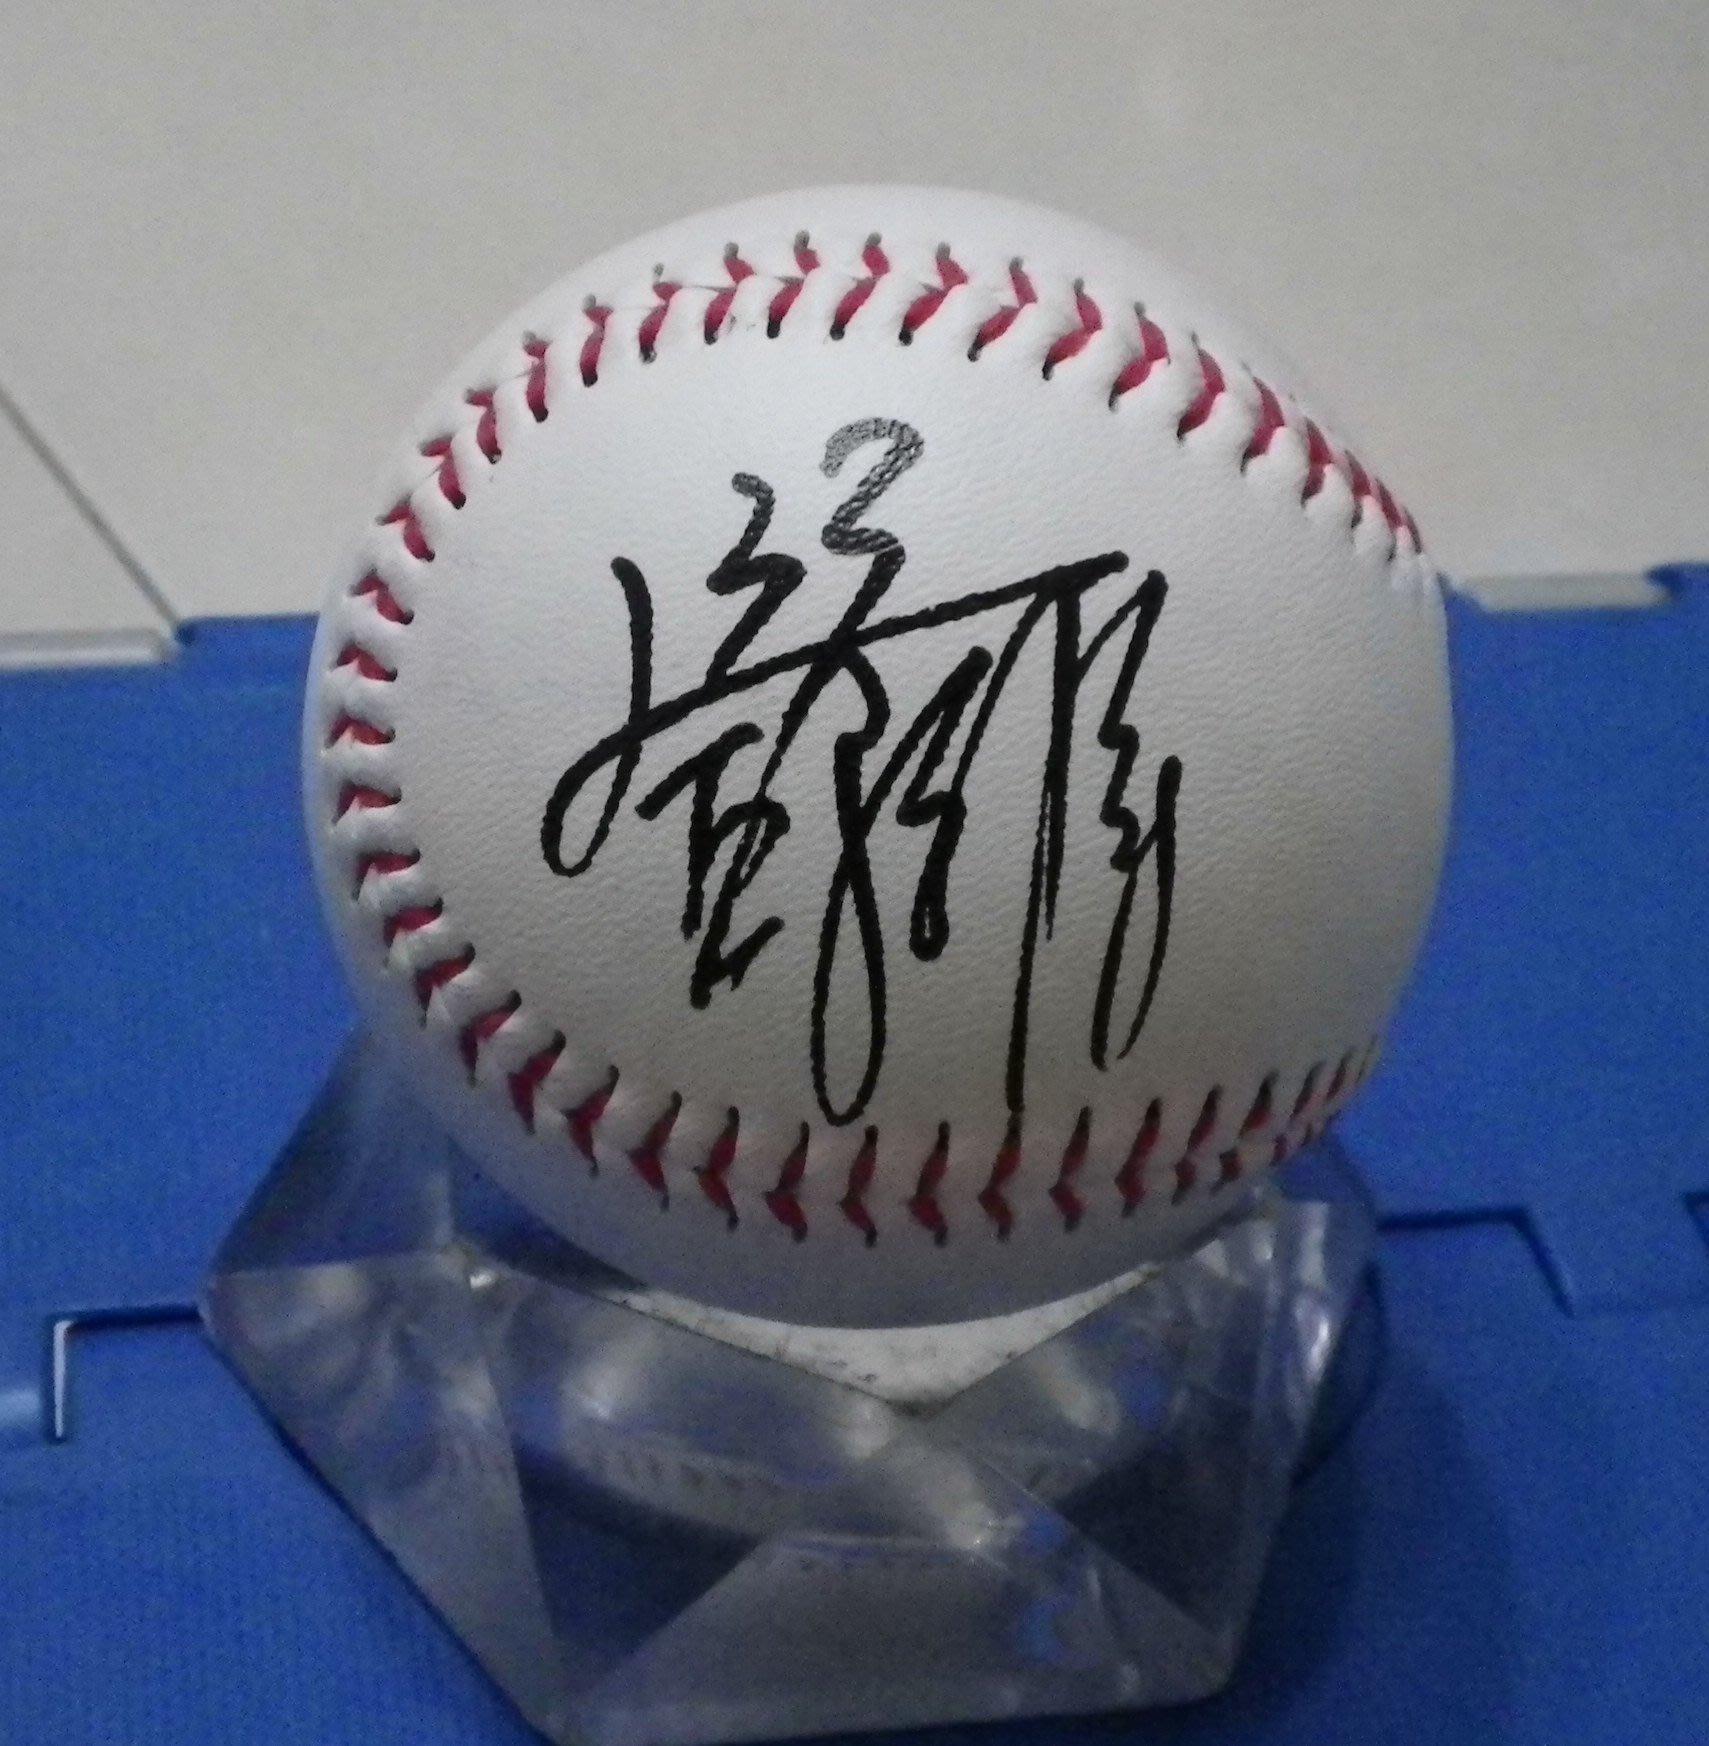 棒球天地----統一獅 鄧志偉 簽名球.字跡漂亮